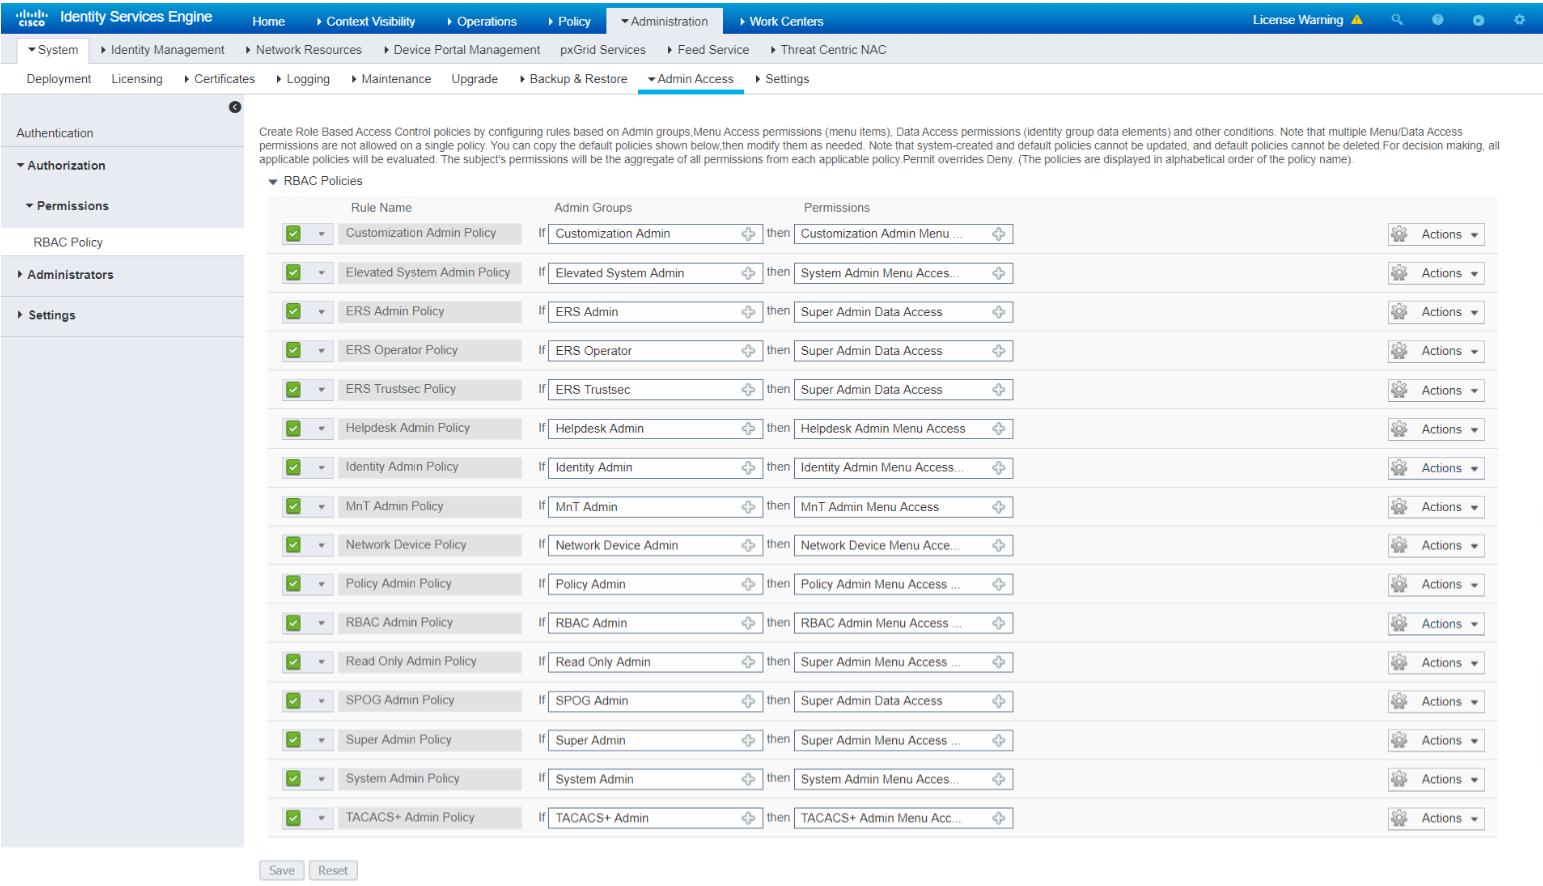 Рисунок 12. Управление правами предустановленных профилей администраторов Cisco ISE